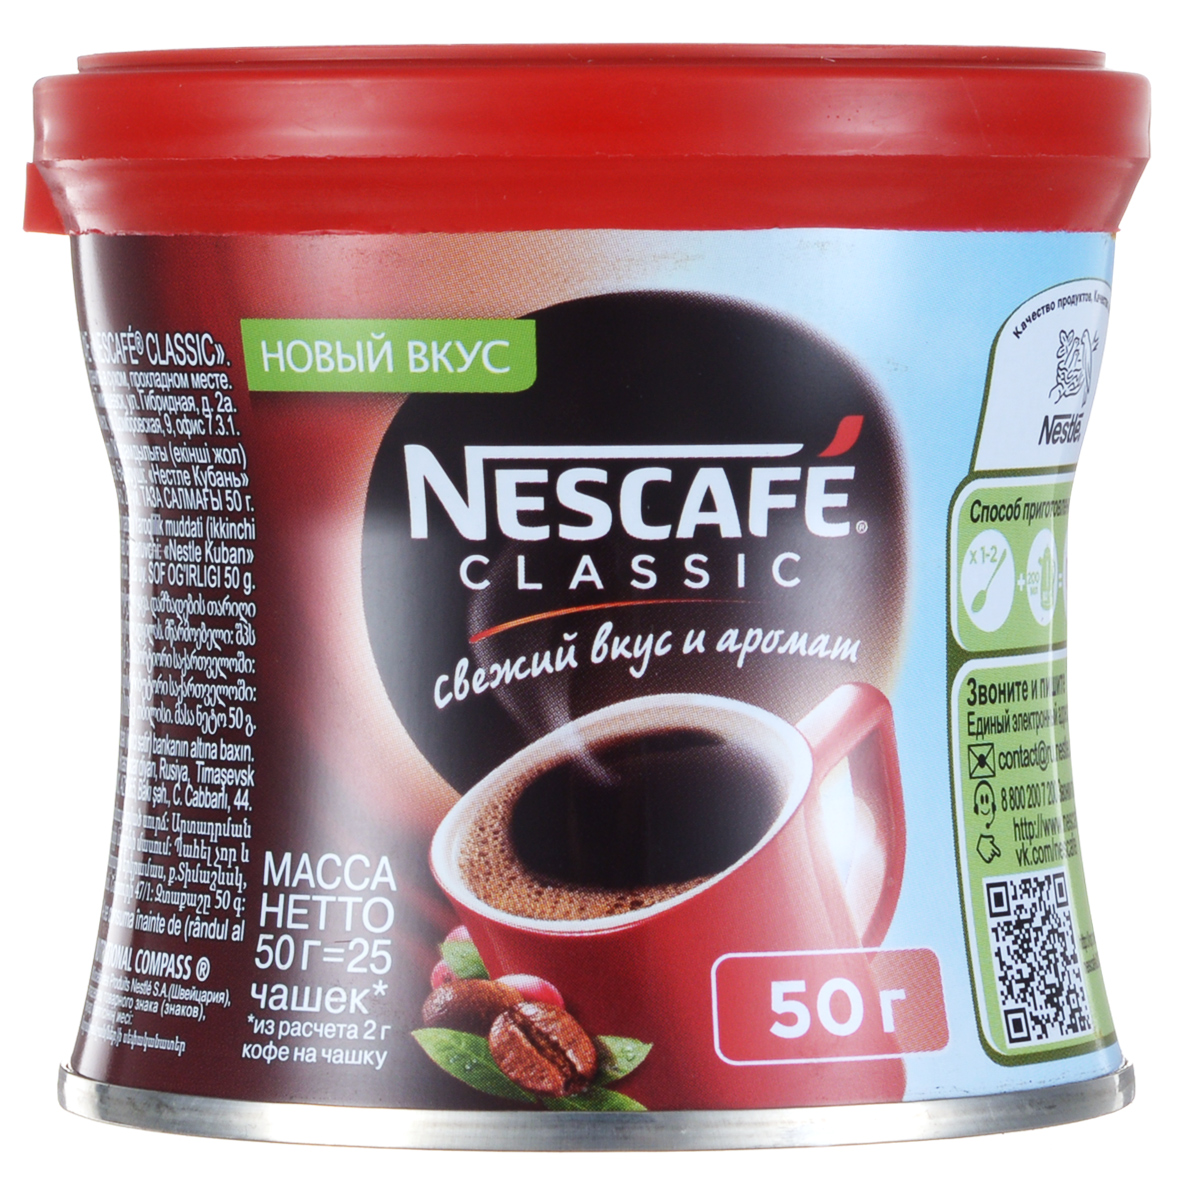 Nescafe Classic кофе растворимый гранулированный, 50 г0120710Nescafe собрали и обжарили спелые кофейные ягоды, сохранив легкую горчинку обжаренных кофейных зерен, чтобы вы смогли насладиться свежим вкусом и ароматом кофе Classic.